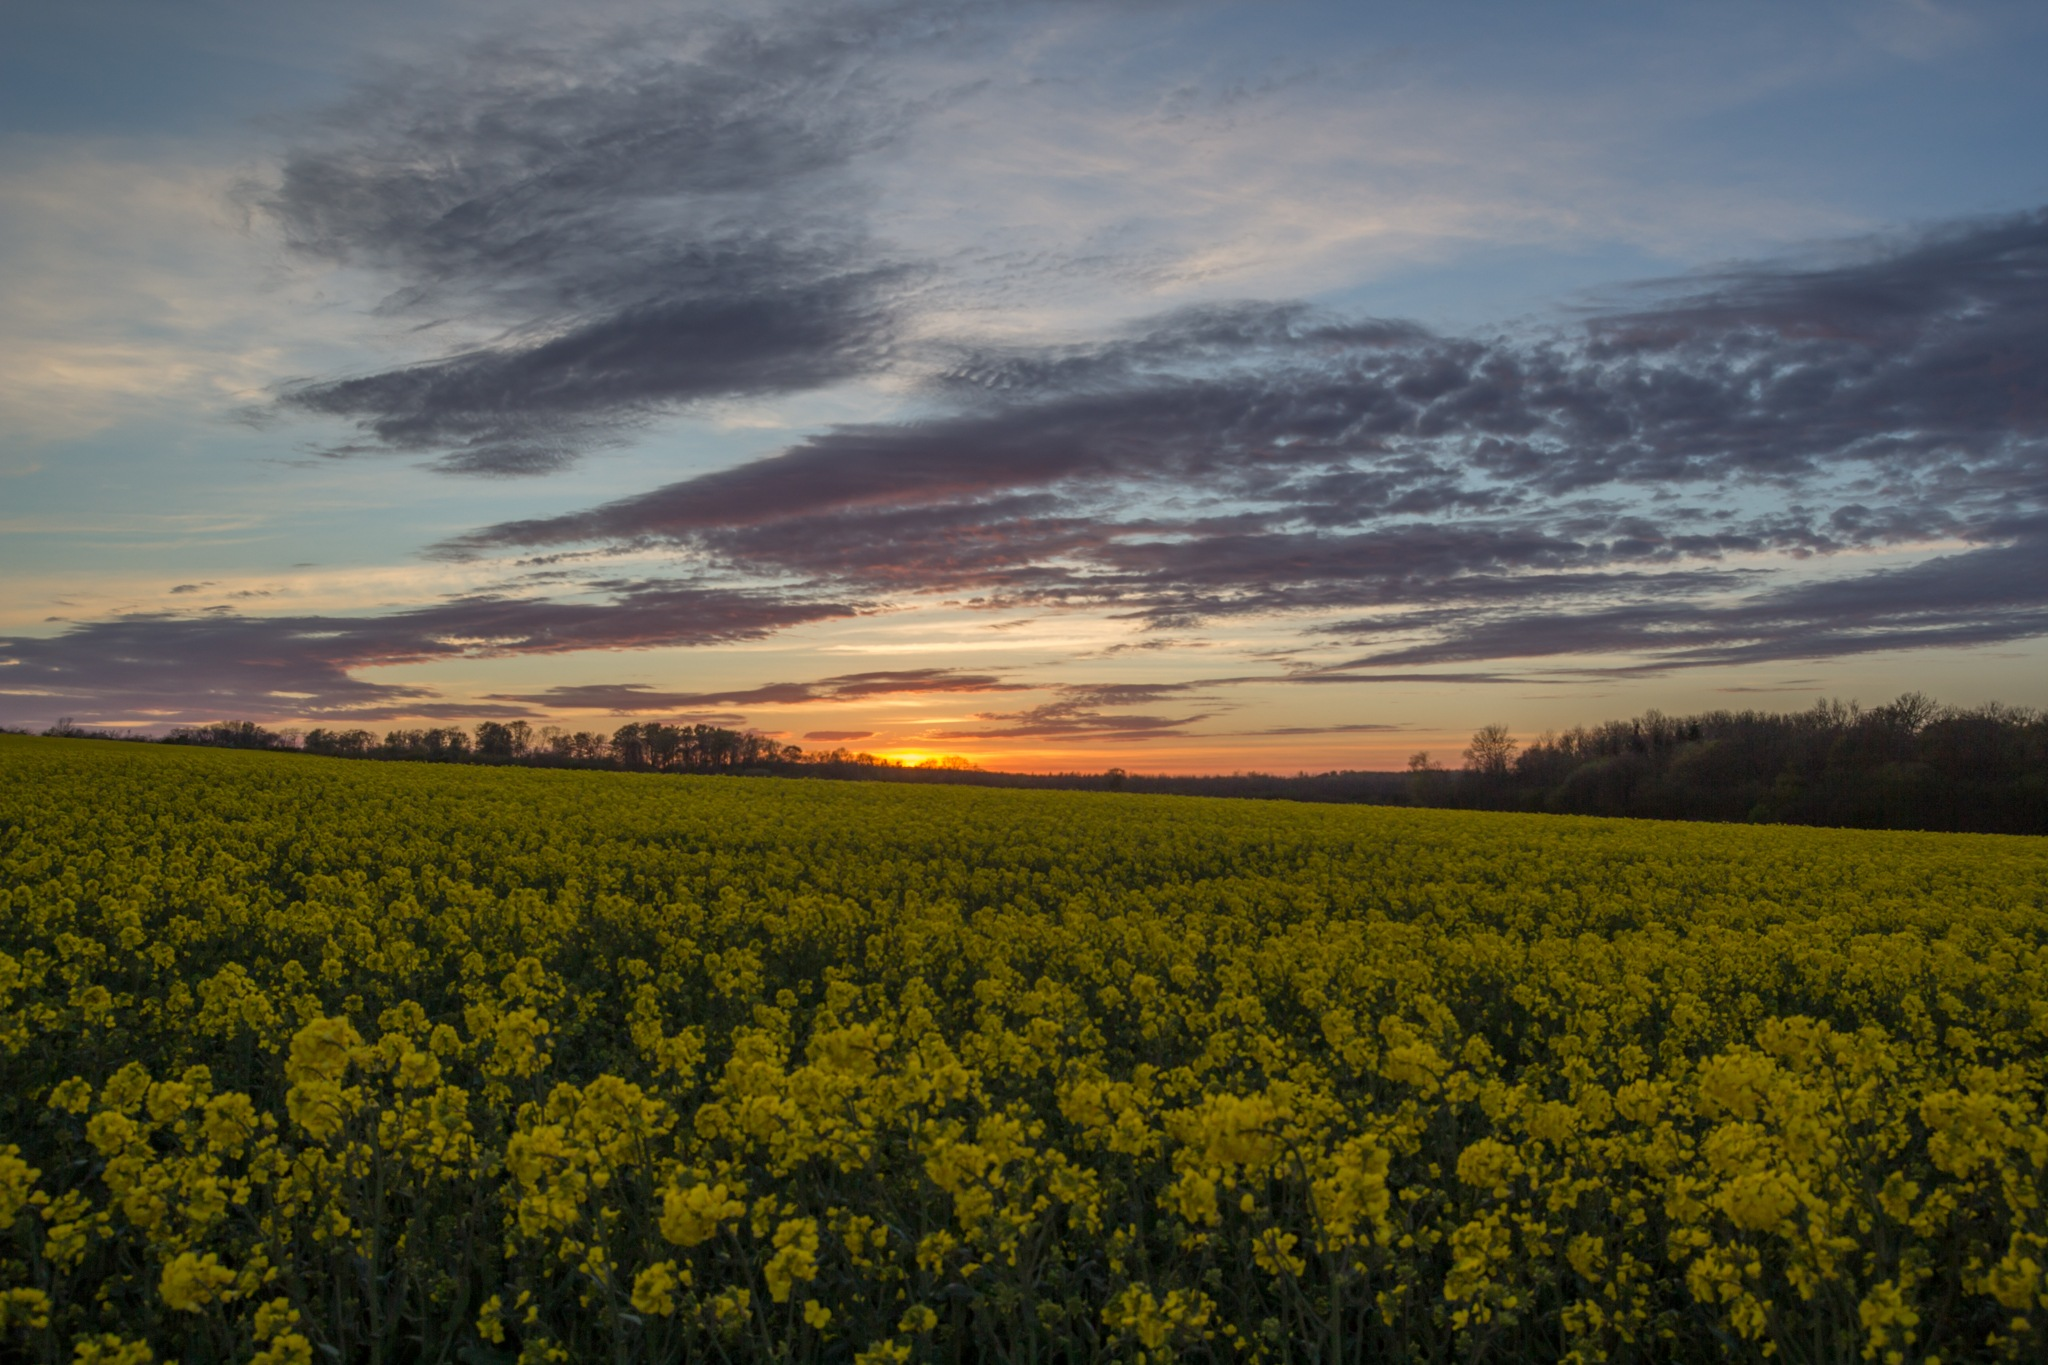 Sunset in south Denmark by Kjeld Jensen